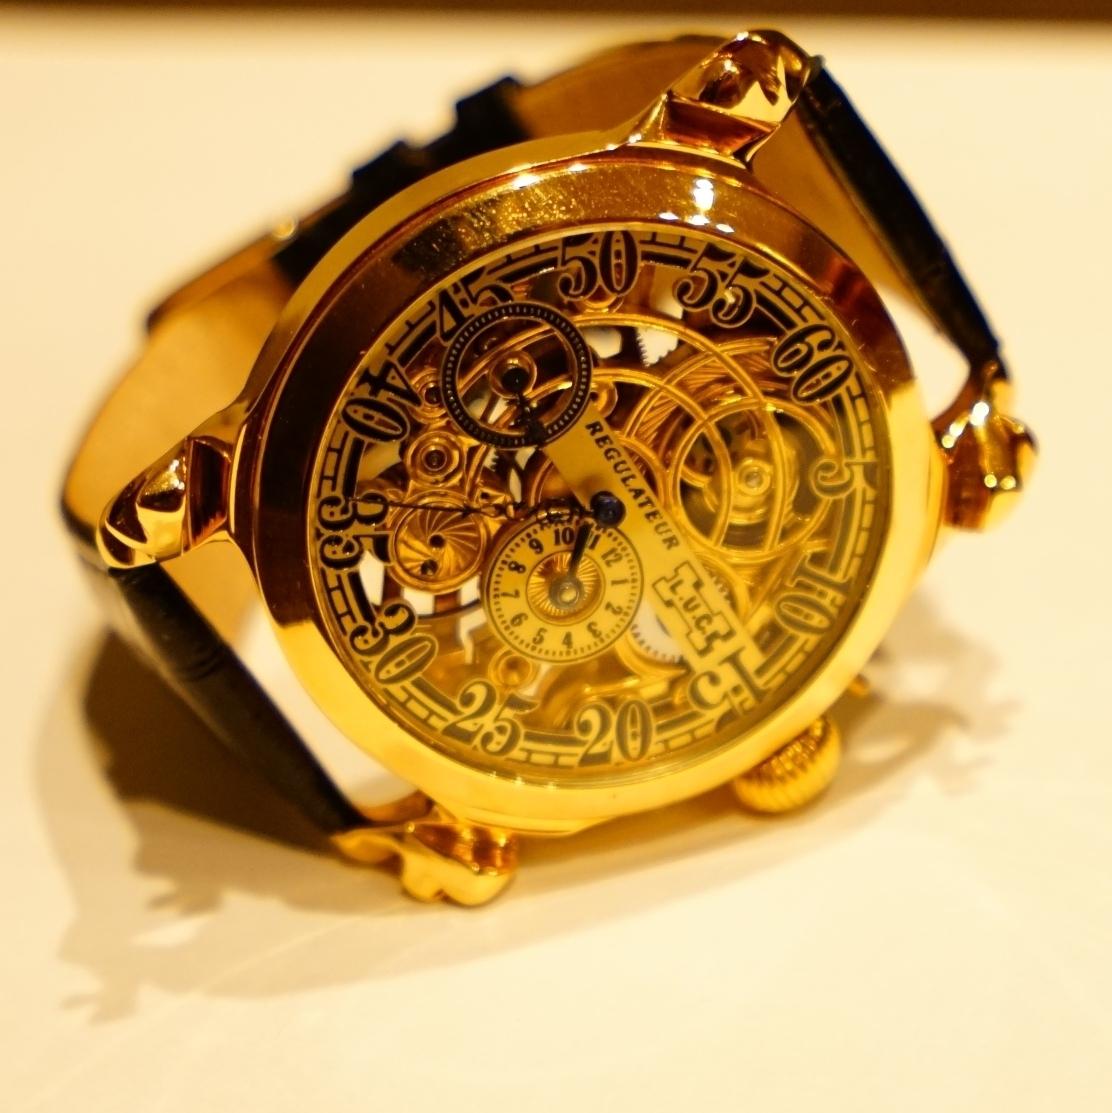 新品仕上げ ショパール Louis Ulysse Chopard アンティーク フルスケルトン アールデコ 手巻 腕時計 リケース シルバー 動作品 メンズ_画像2